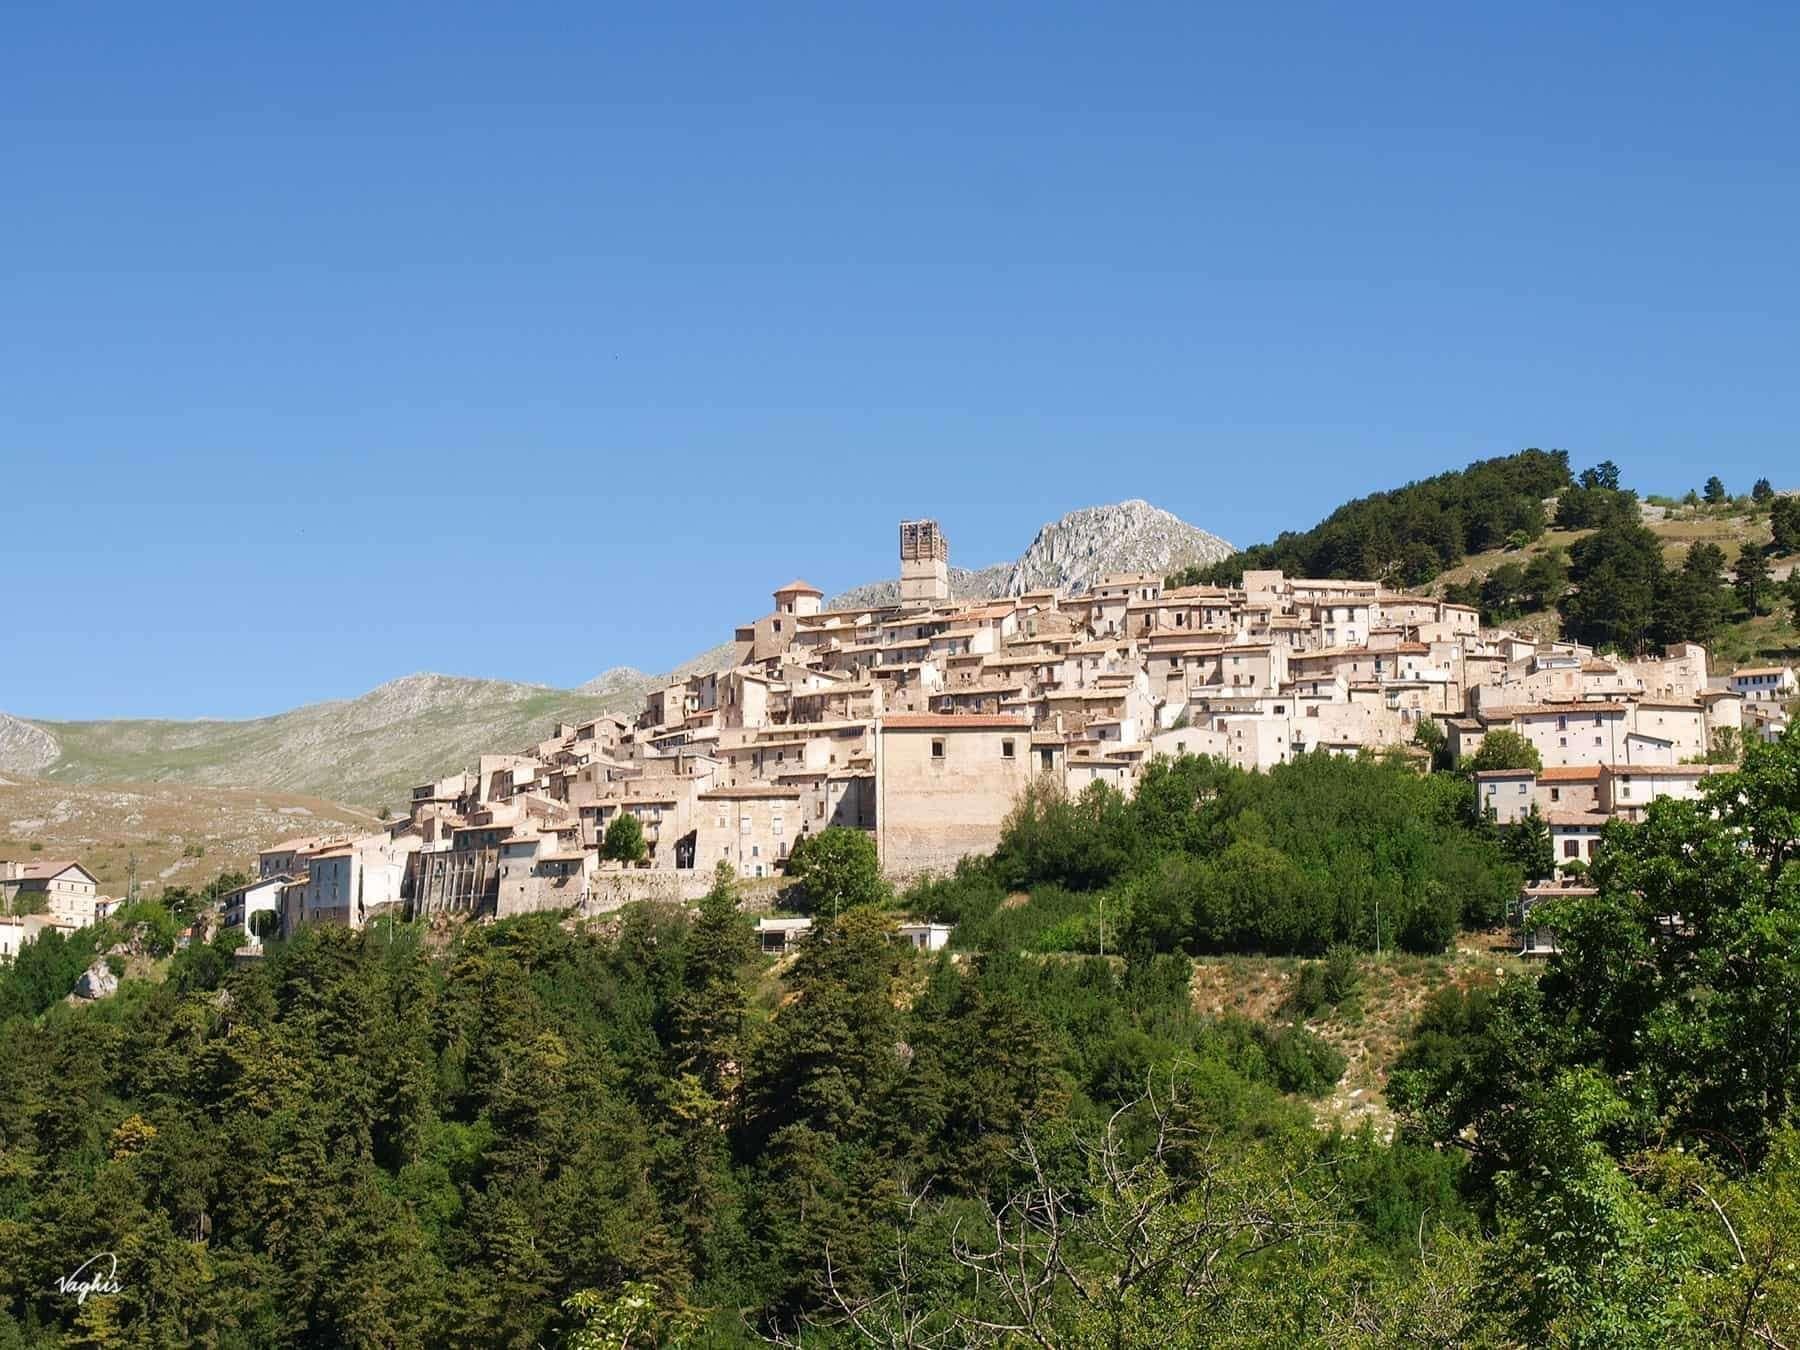 Santo Stefano di Sessanio - © Vaghis - viaggi & turismo Italia - Tutti i diritti riservati